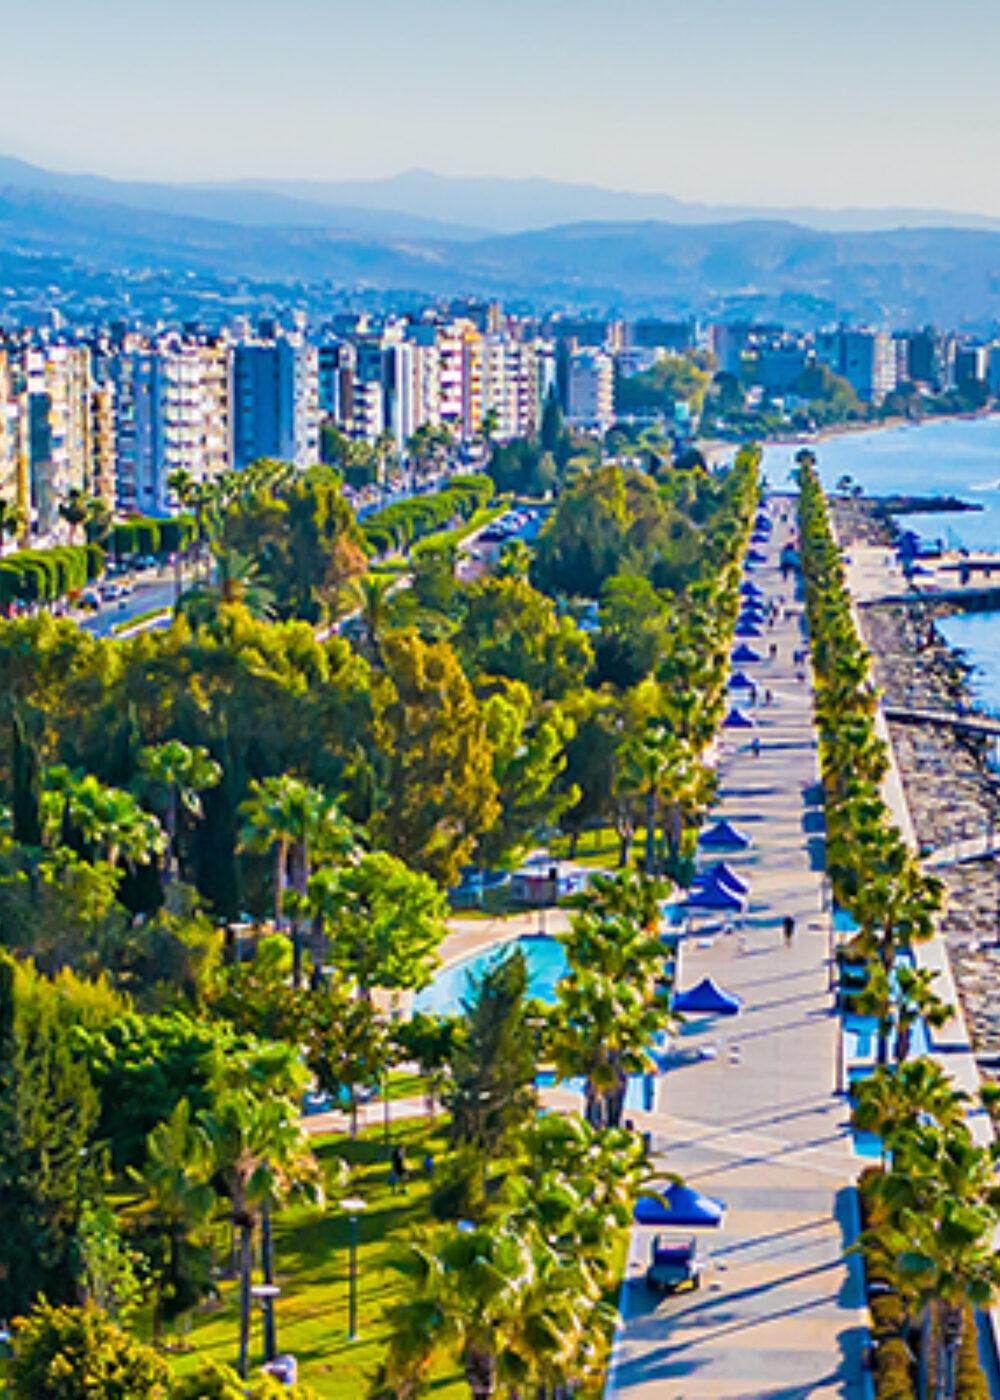 Green Motion Car Rental Cyprus Limassol Downtown 1440x400